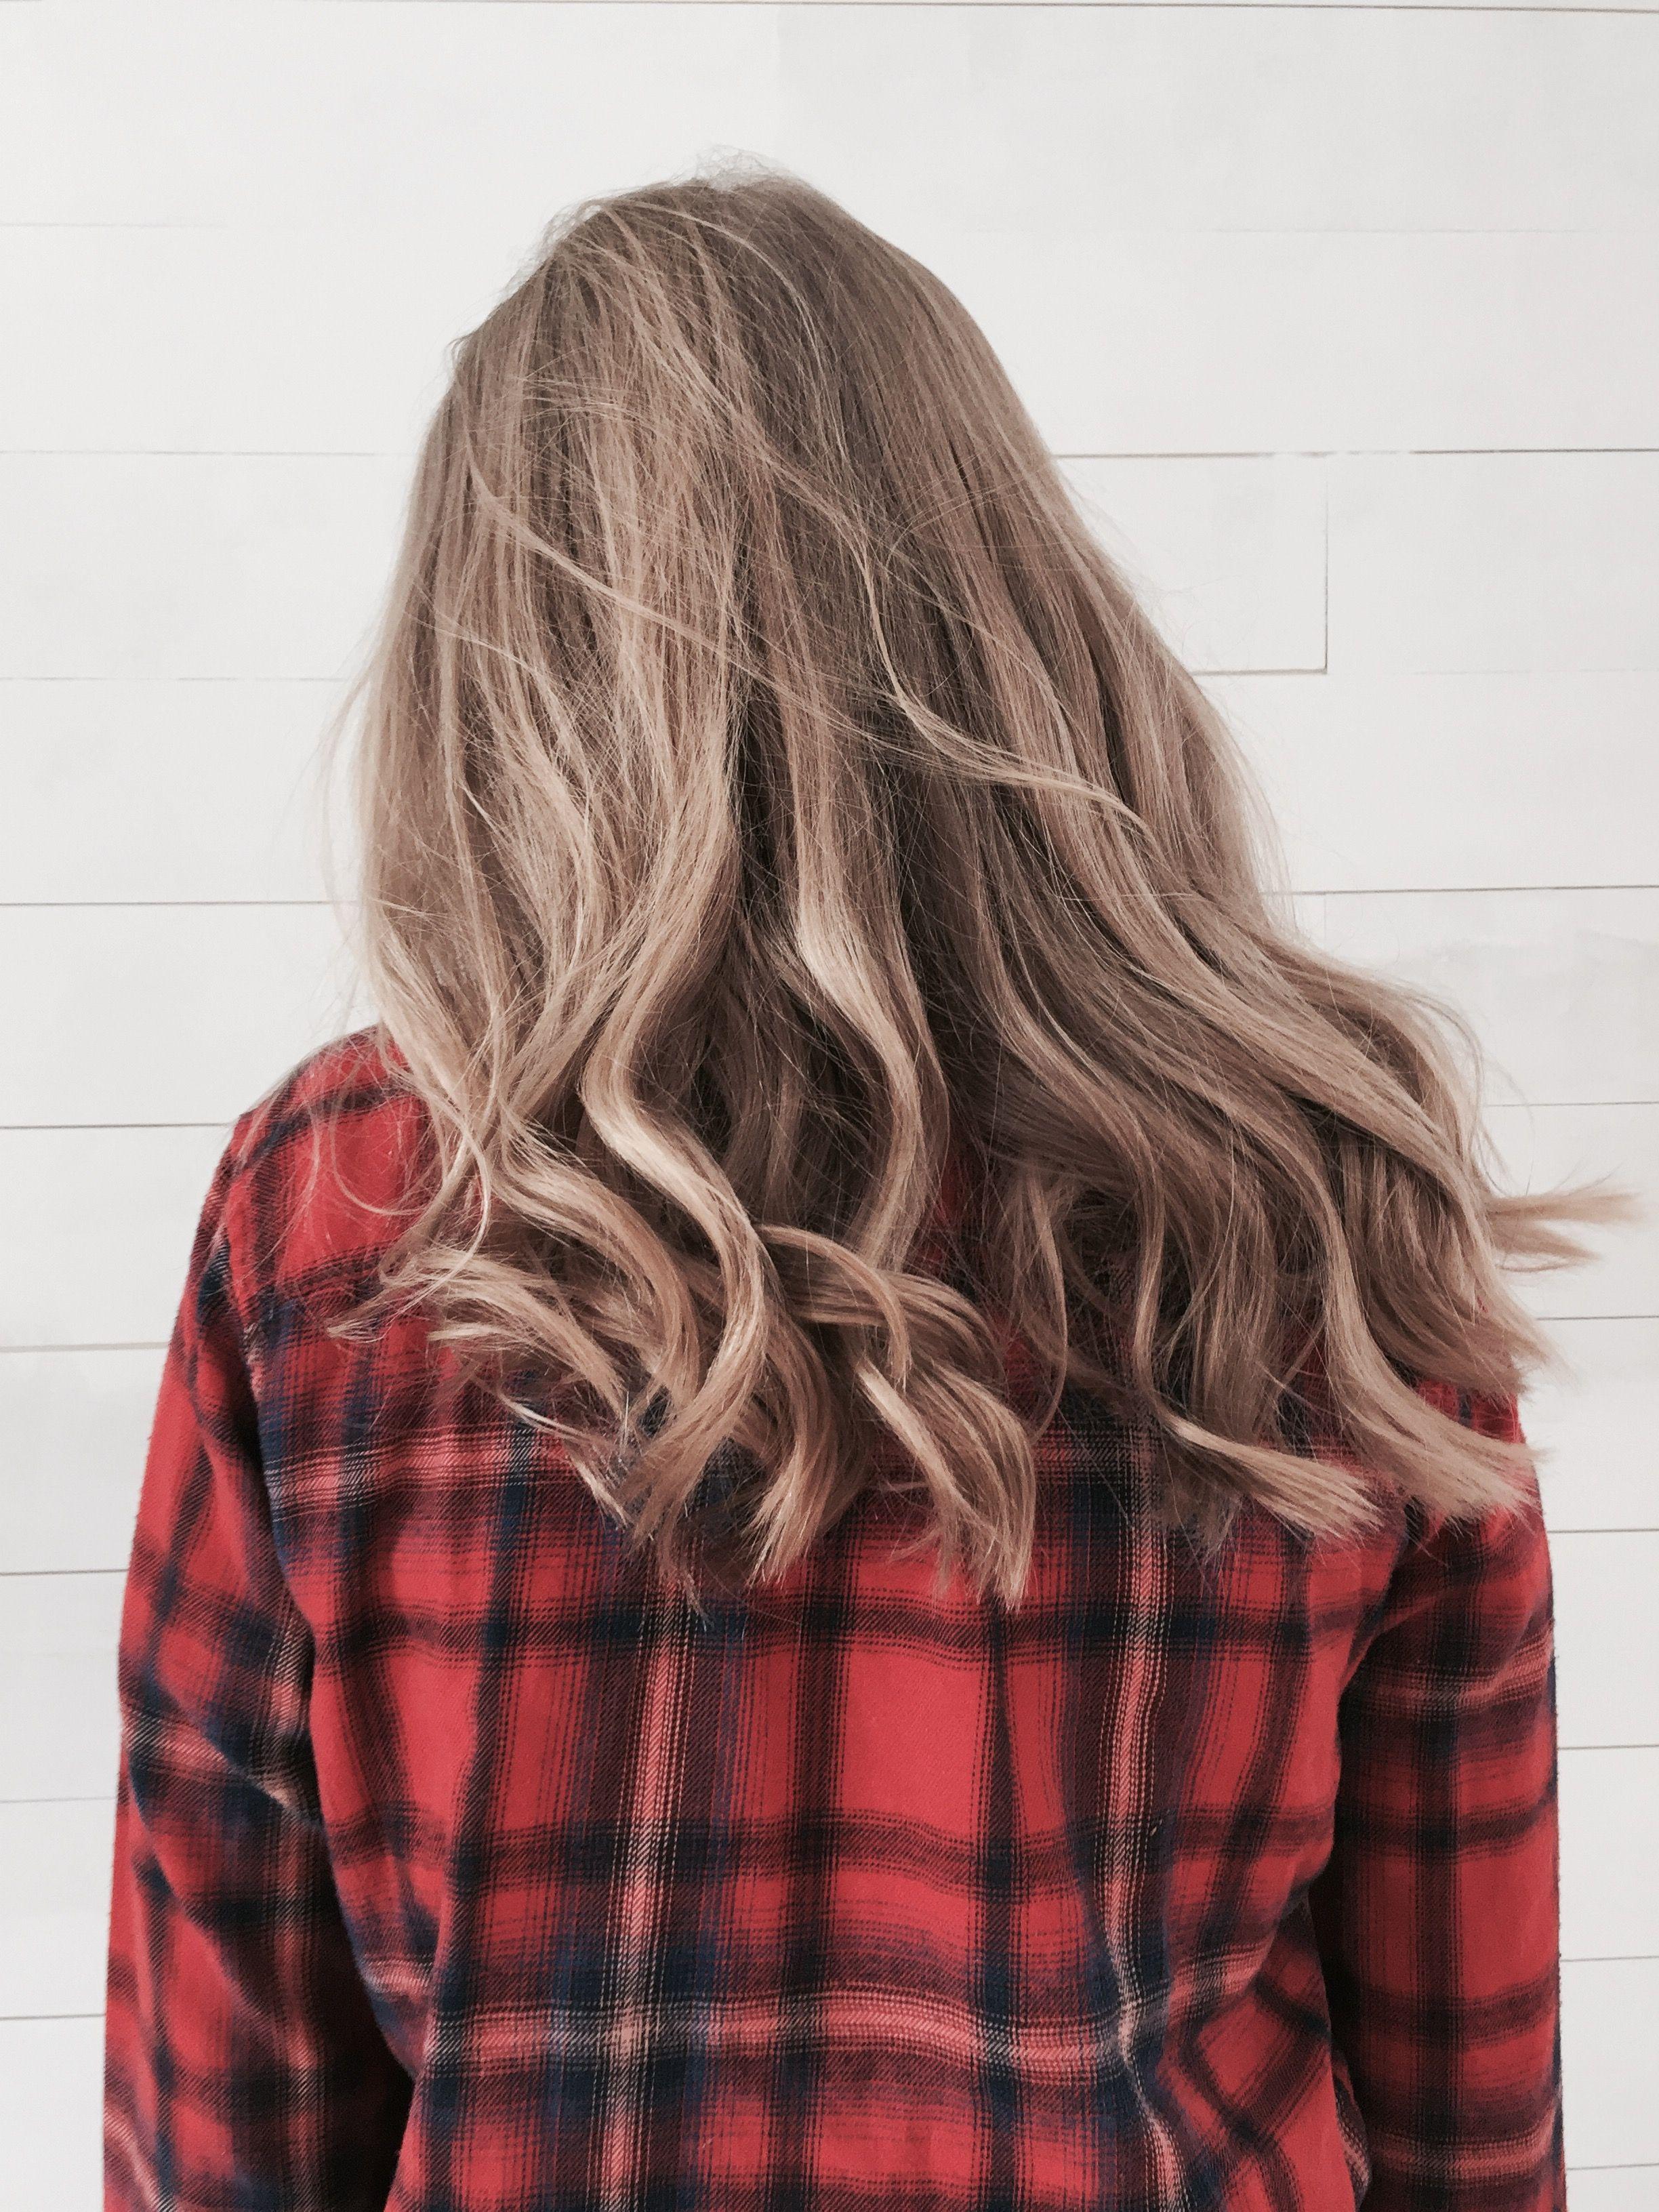 Curled hair